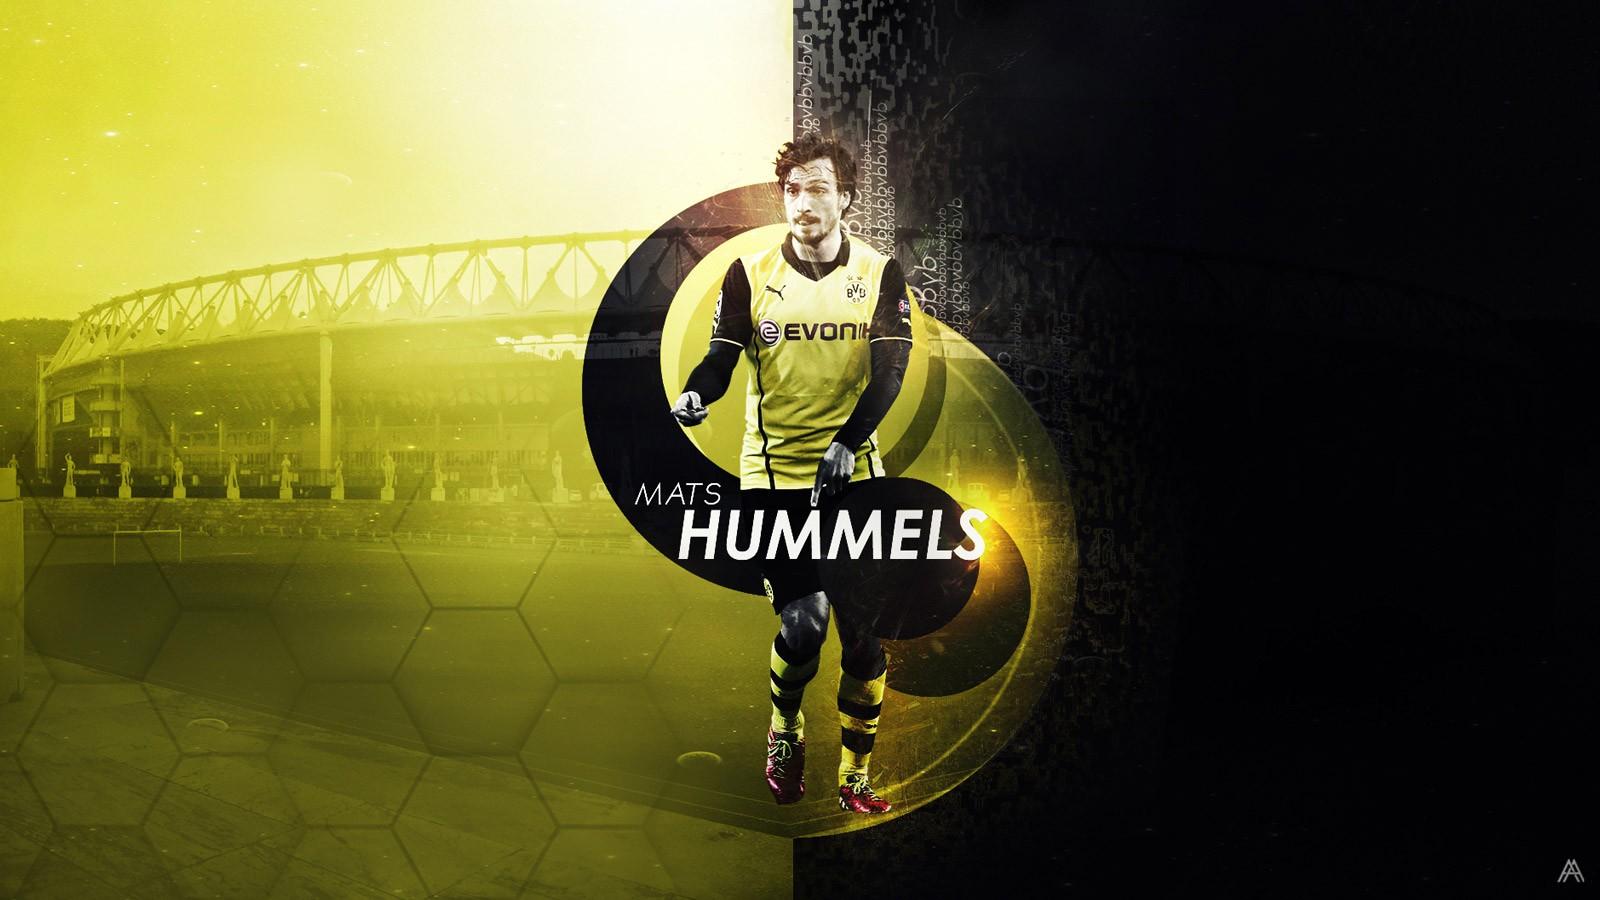 Best Ideas About Borussia Dortmund Wallpaper On Pinterest Bvb 1600x900